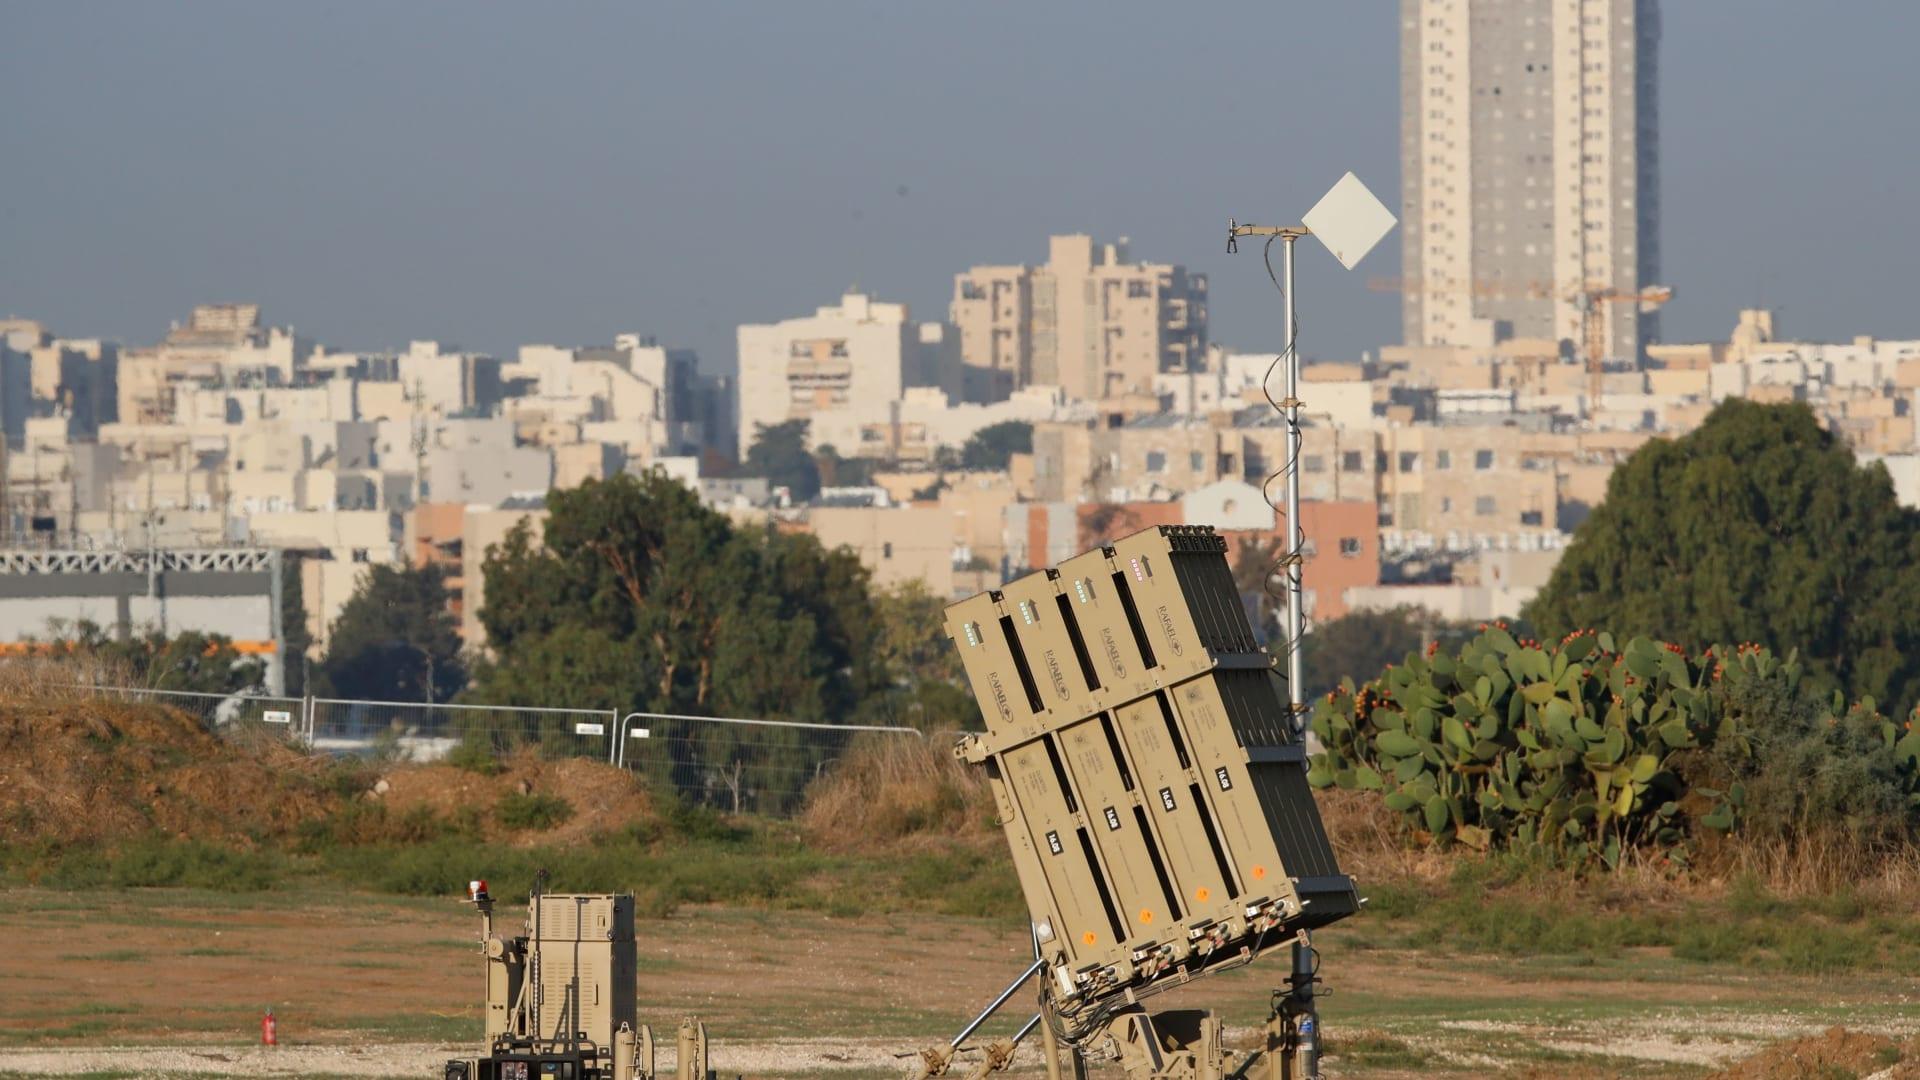 صورة أرشيفية لبطارية صواريخ تابعة لمنظومة القبة الحديدية بإسرائيل